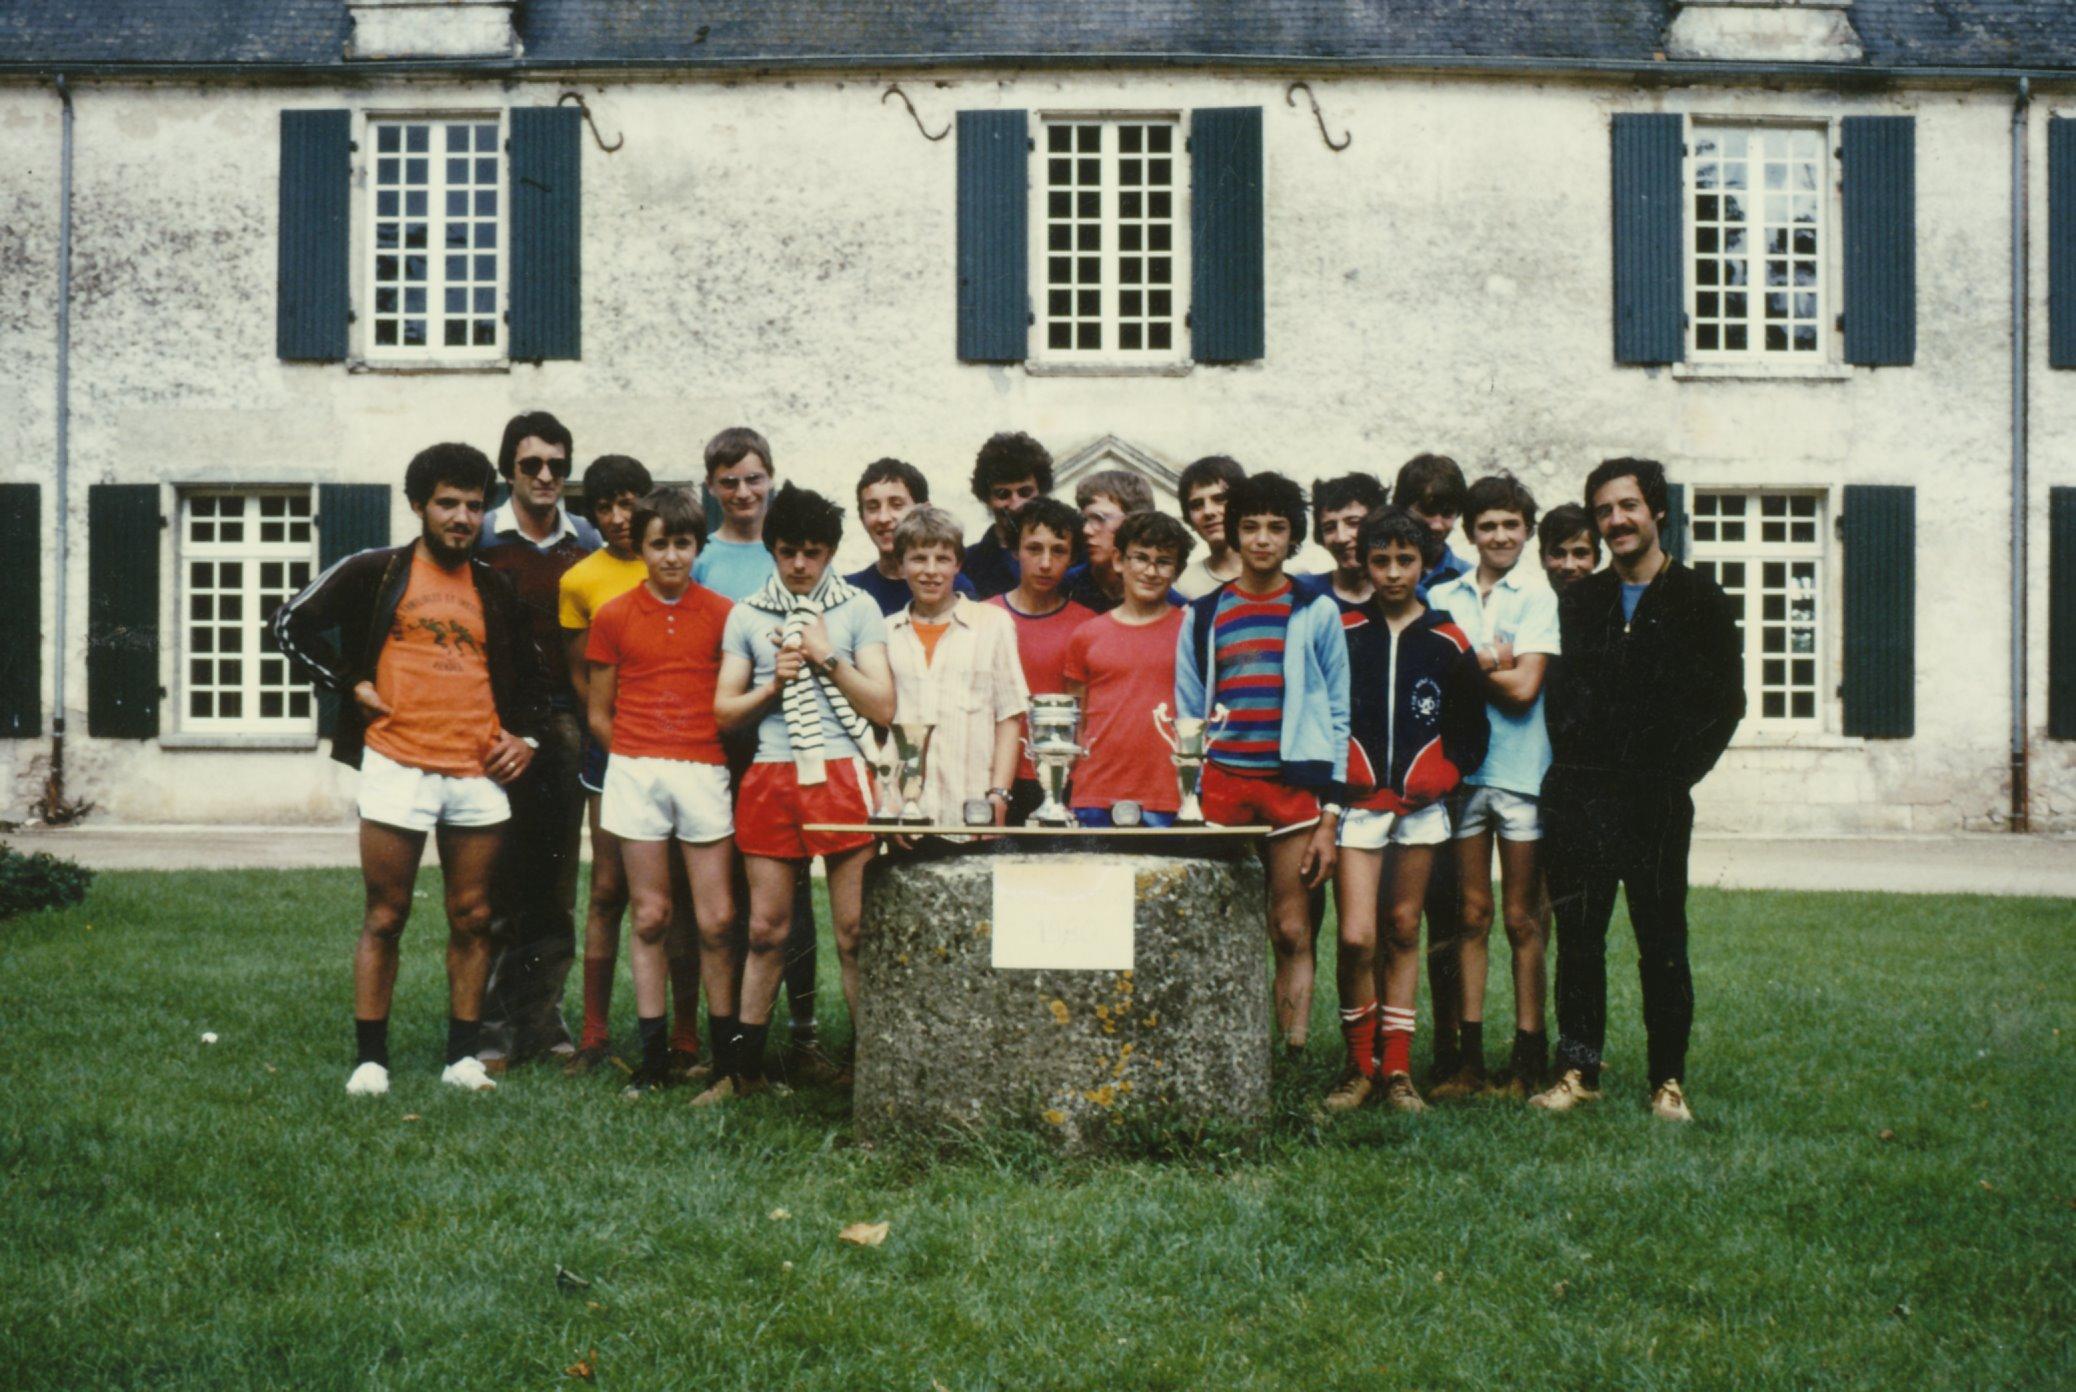 Archives anciens élèves mfr puy-sec 1980 (5)